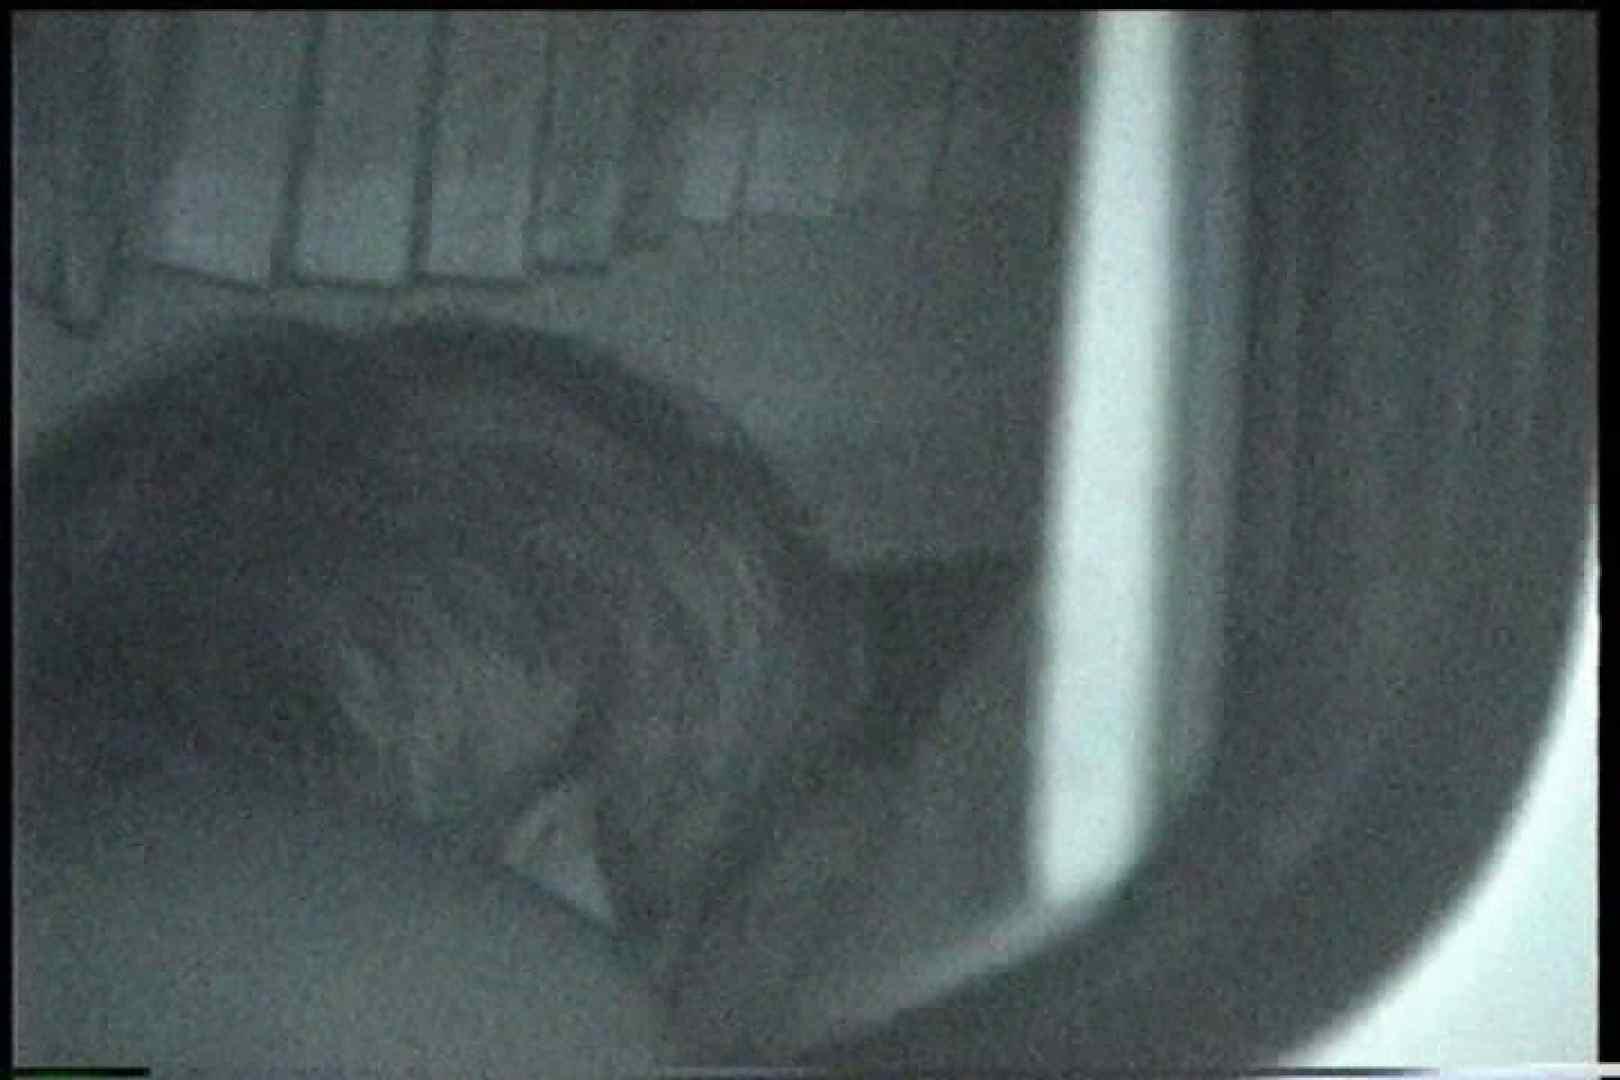 充血監督の深夜の運動会Vol.177 前編 エロティックなOL  88画像 44